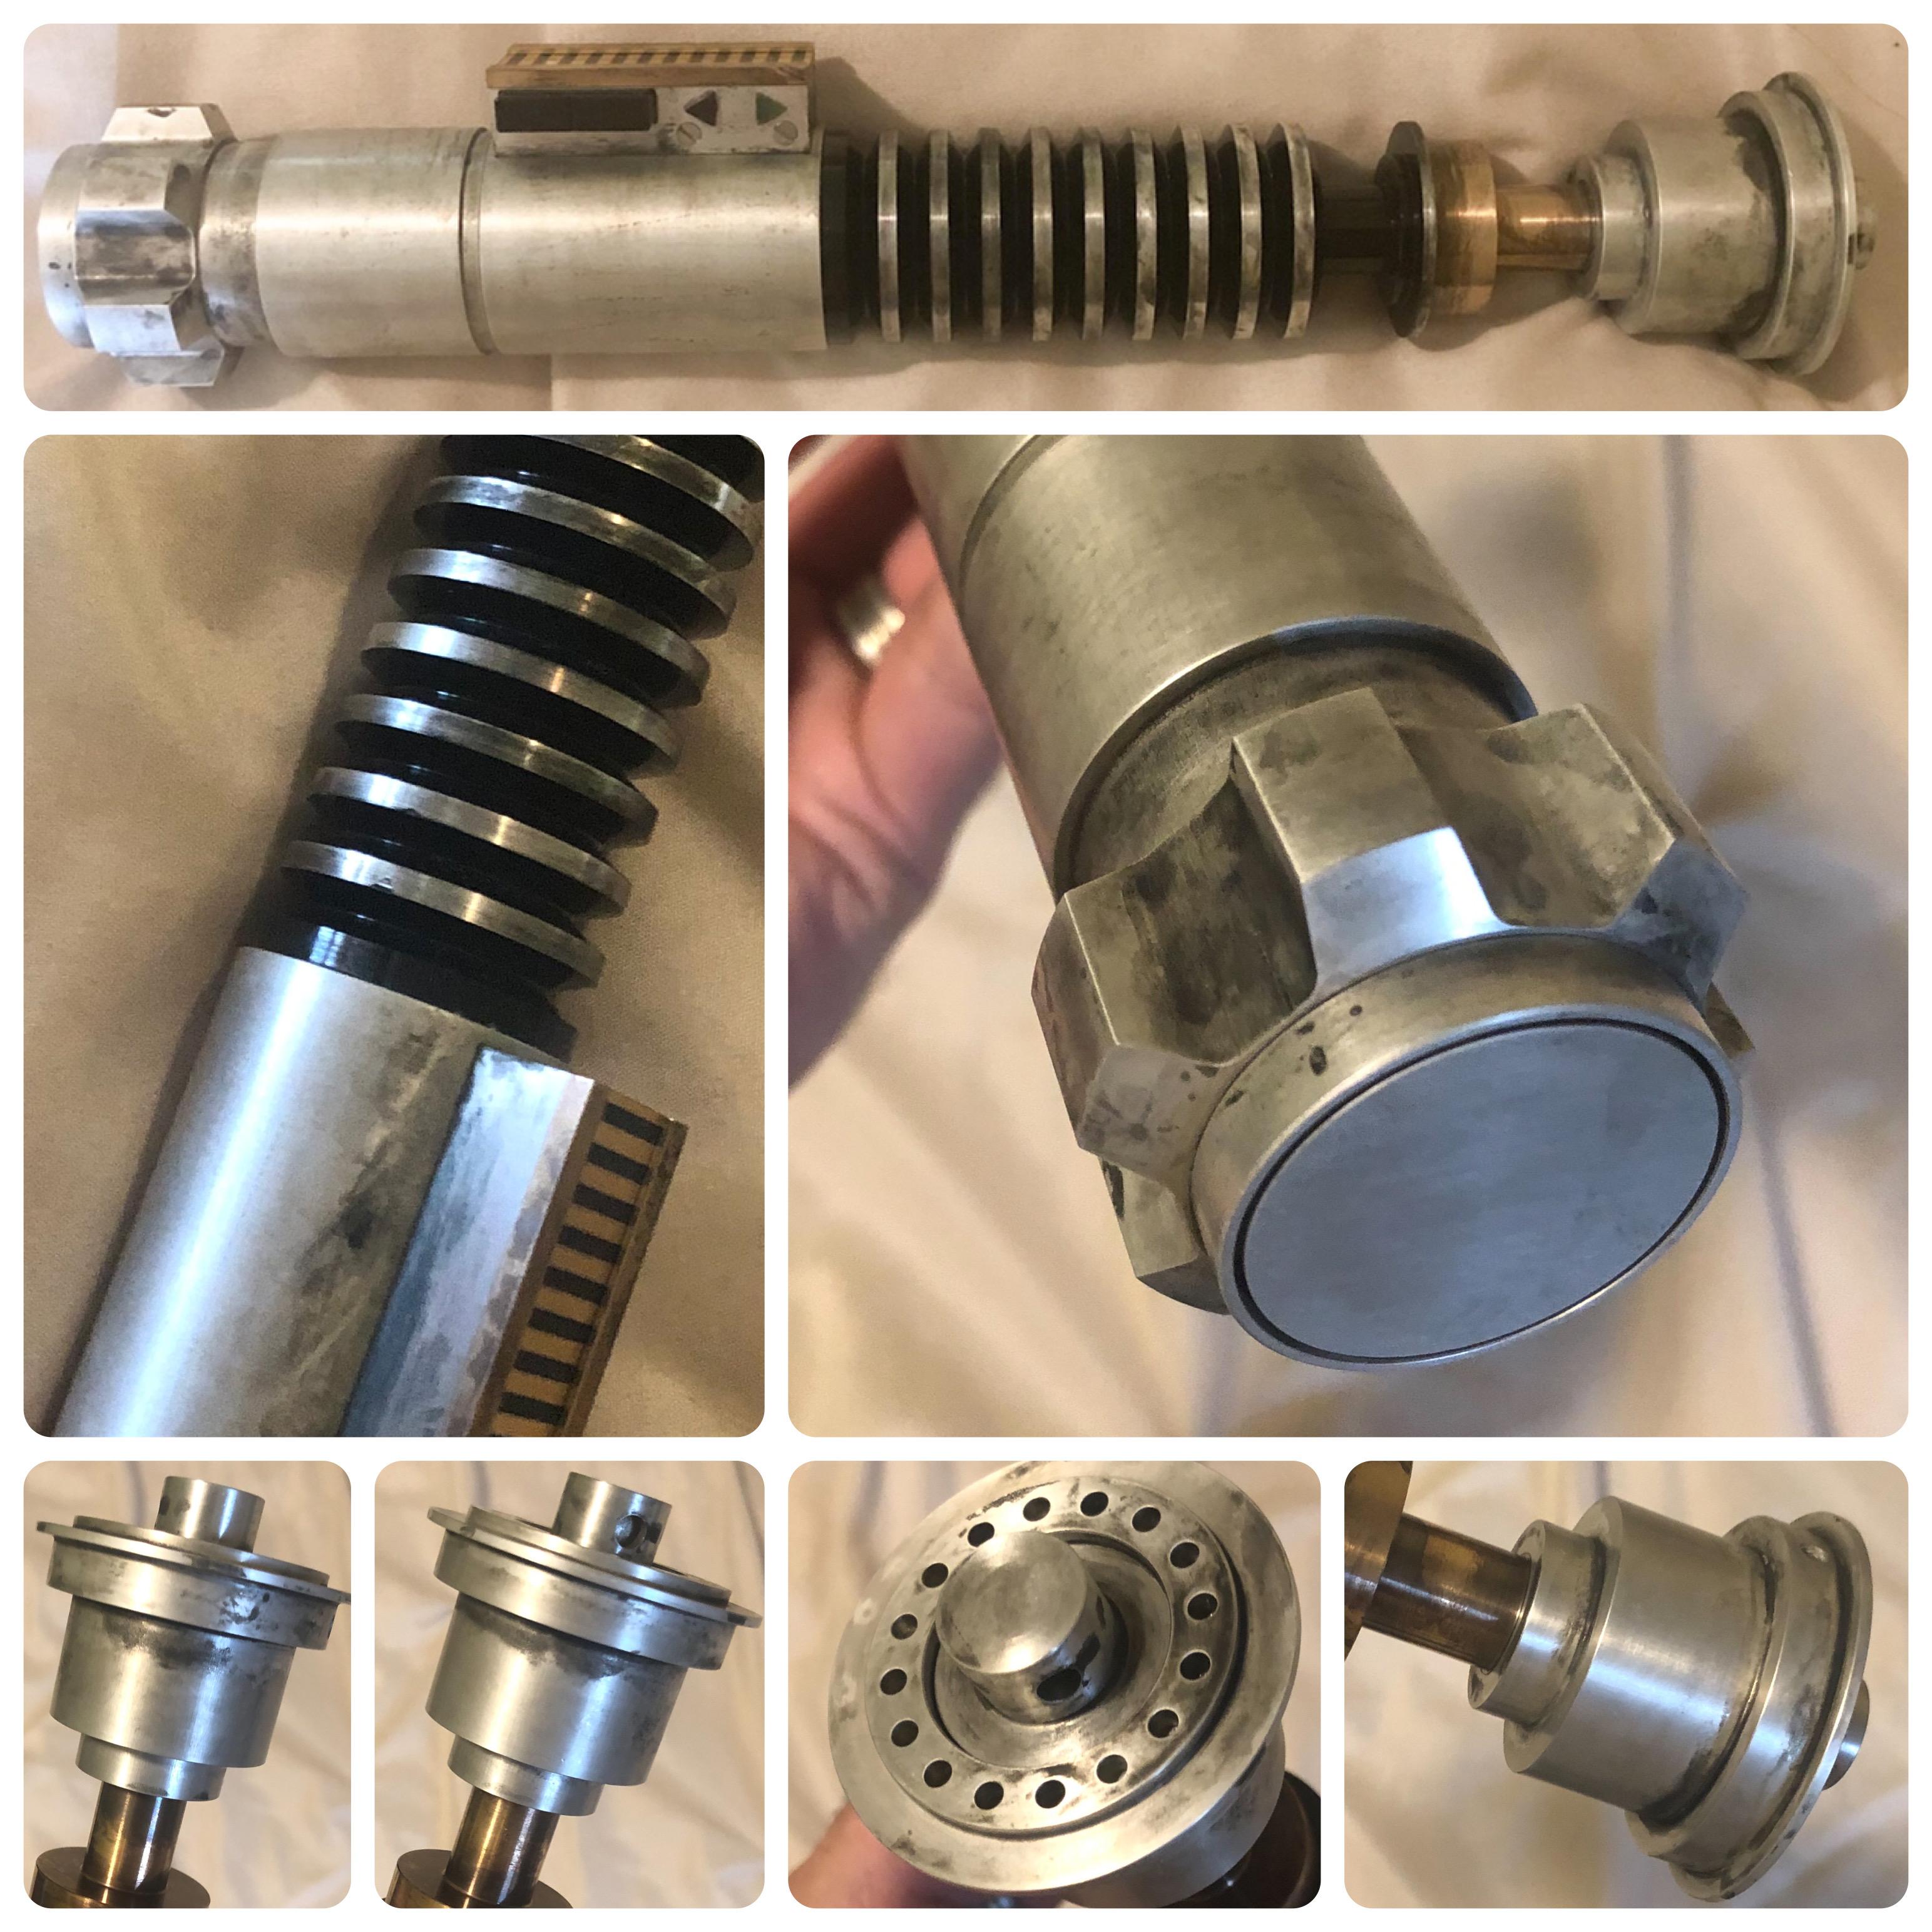 D9AC56BB-D88C-47DB-A215-9750BB1FA2A6.jpeg